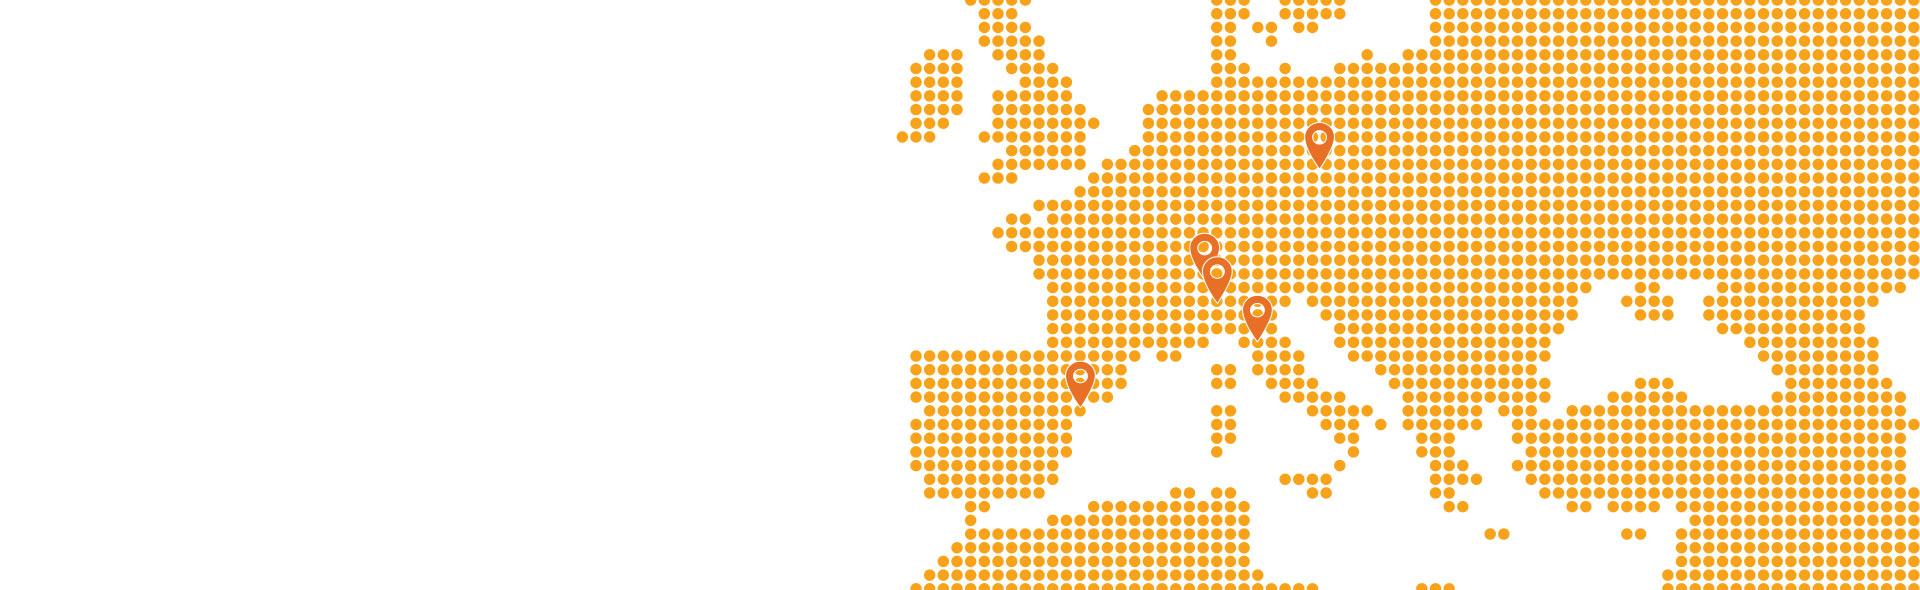 5 agencies in Europe